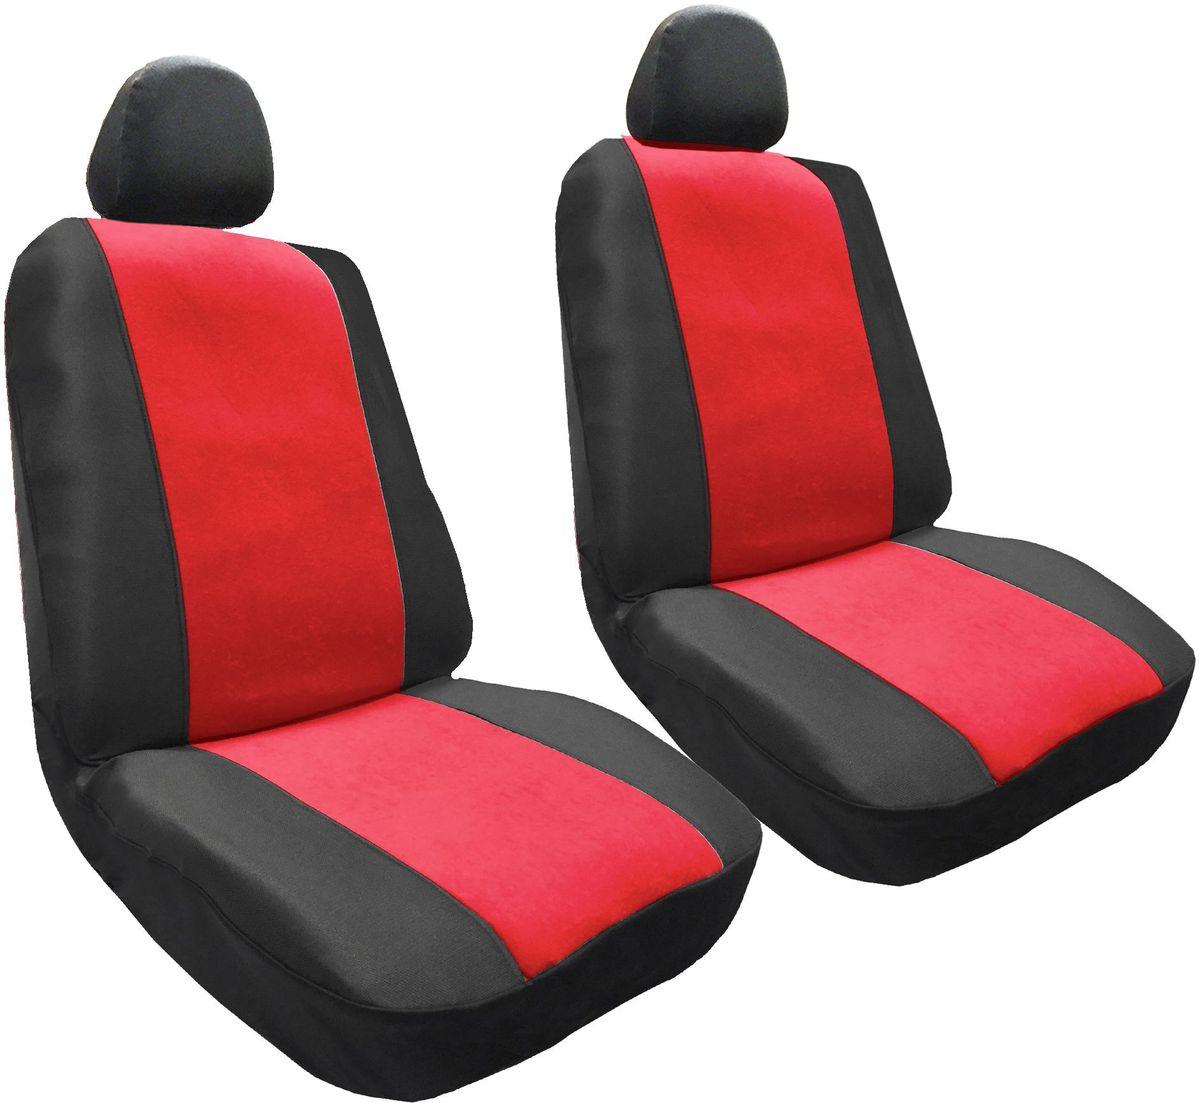 Набор автомобильных чехлов Auto Premium Корвет, цвет: черный, красный, 4 предмета57303Комлект универсальных чехлов на передние сиденья выполнен из велюра, предназначен для передних кресел автомобиля. В комплект входят съемные чехлы для подголовников .Практичный и долговечный комплект чехлов для передних сидений надежно защищает сиденье водителя и пассажира от механических повреждений, загрязнений и износа.